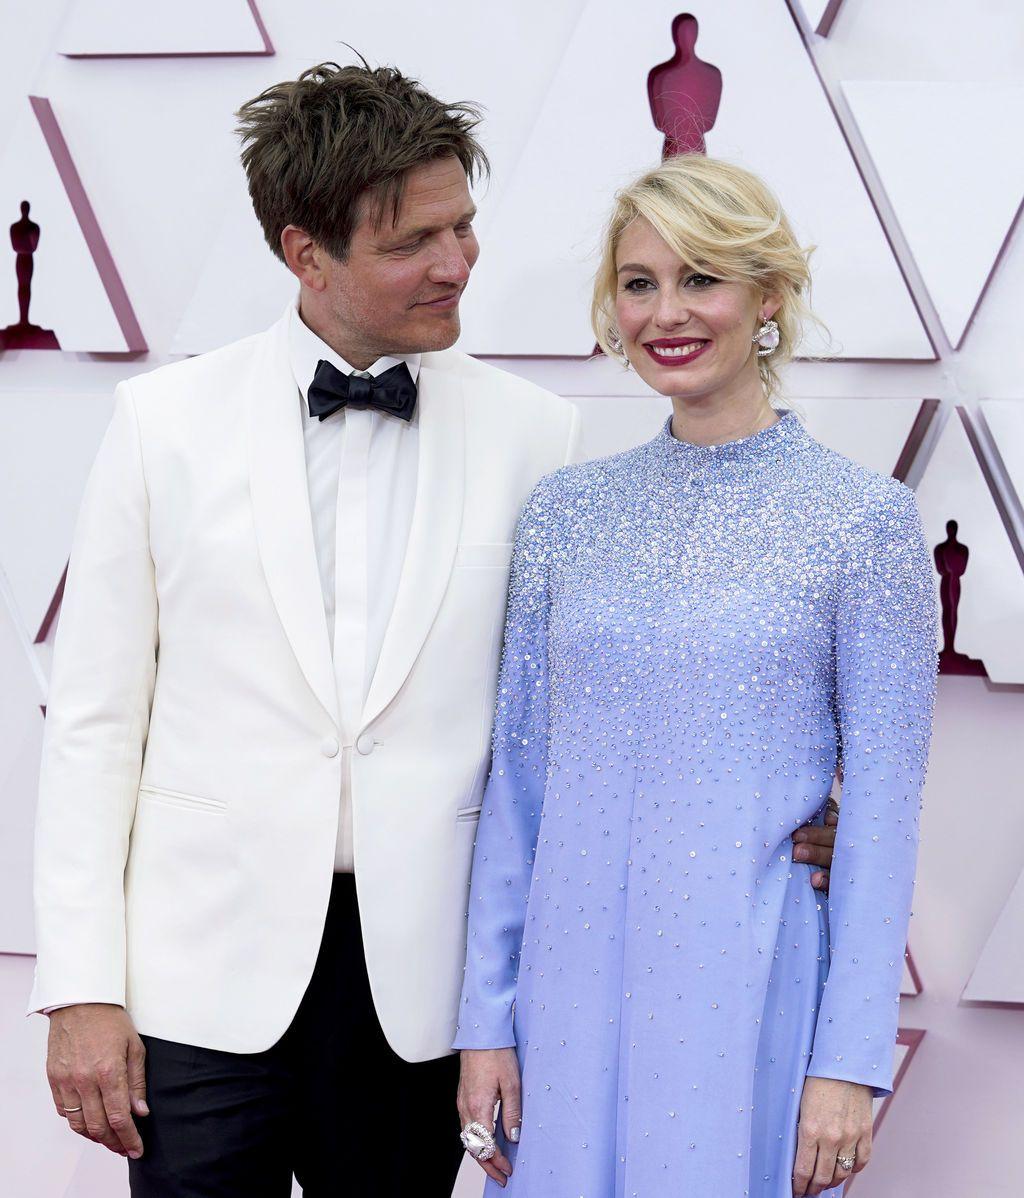 Thomas Vinterberg y Helene Reingaard Neumann desfilan en la alfombra roja de Union Station, la estación de autobuses de Los Ángeles, una de las sedes donde tiene lugar la gala de los Premios Oscars 2021